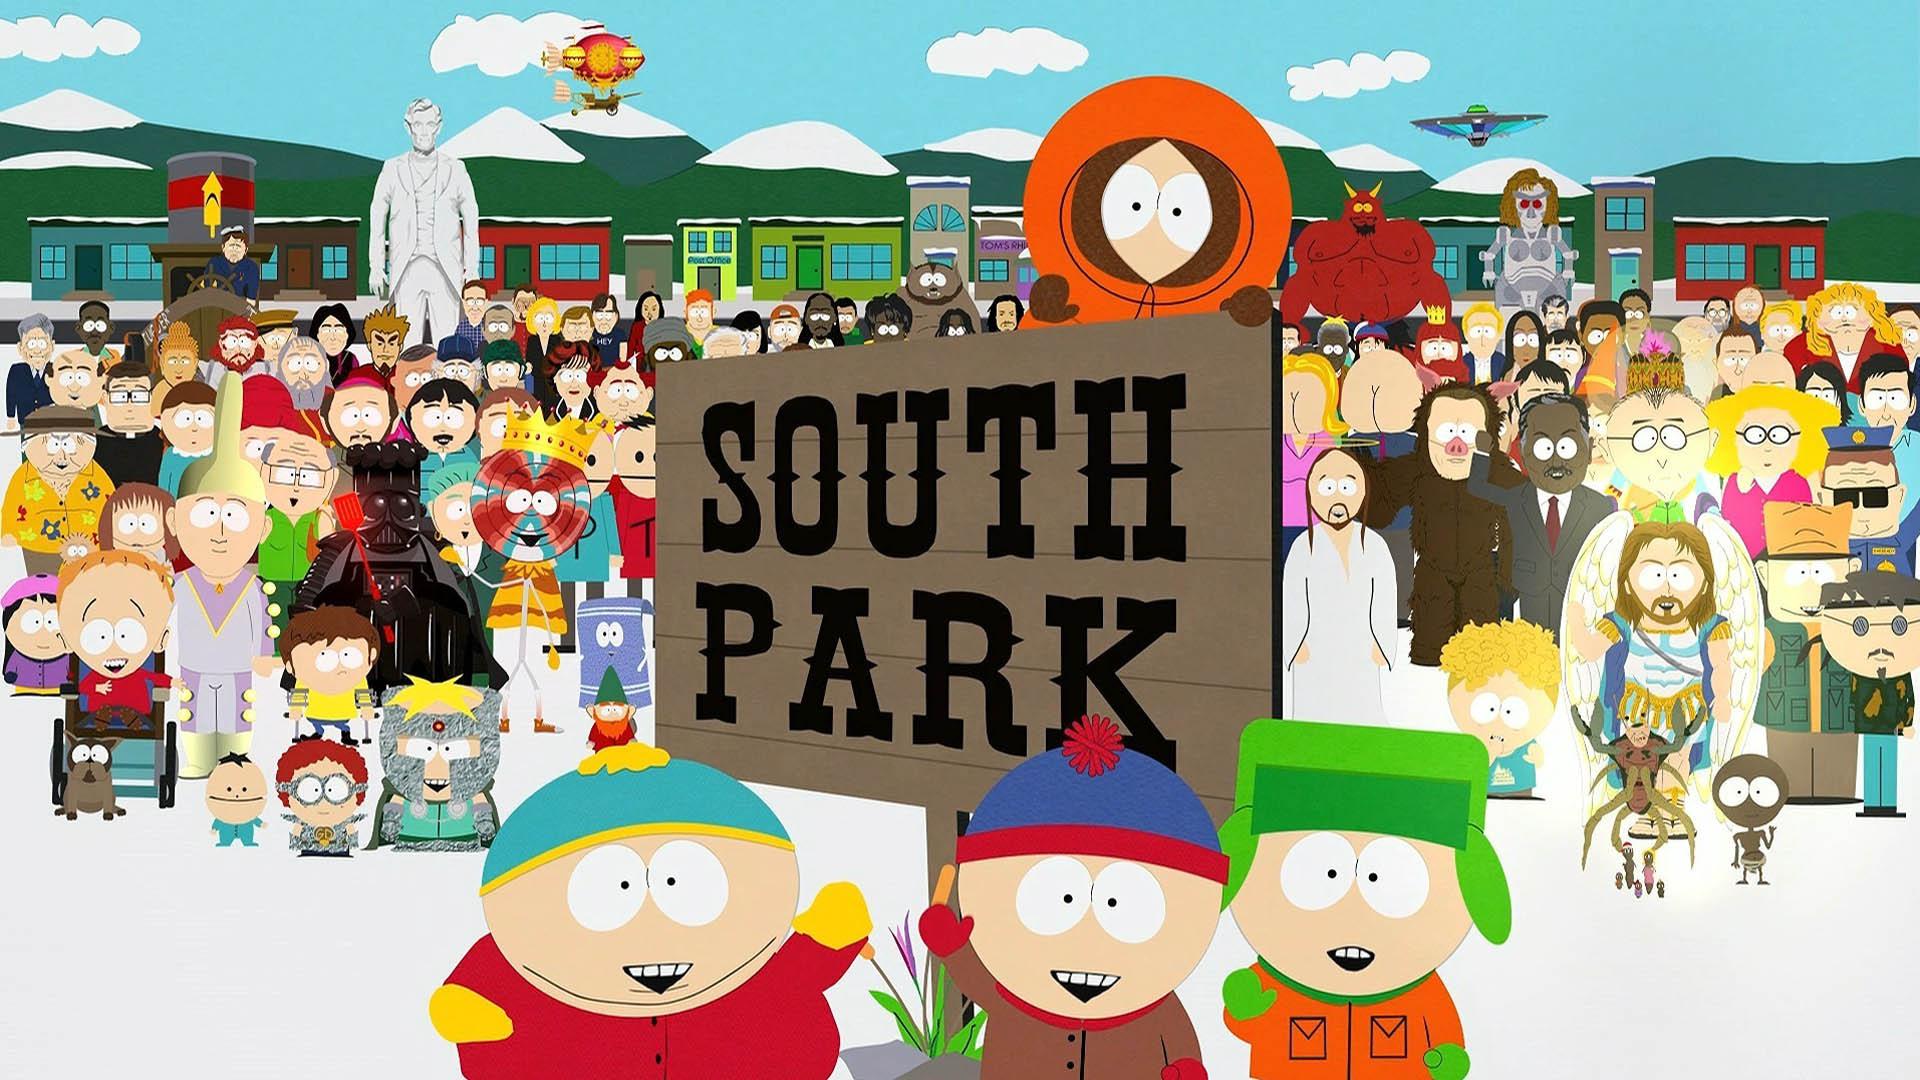 fonds d'écran south park pc et tablettes